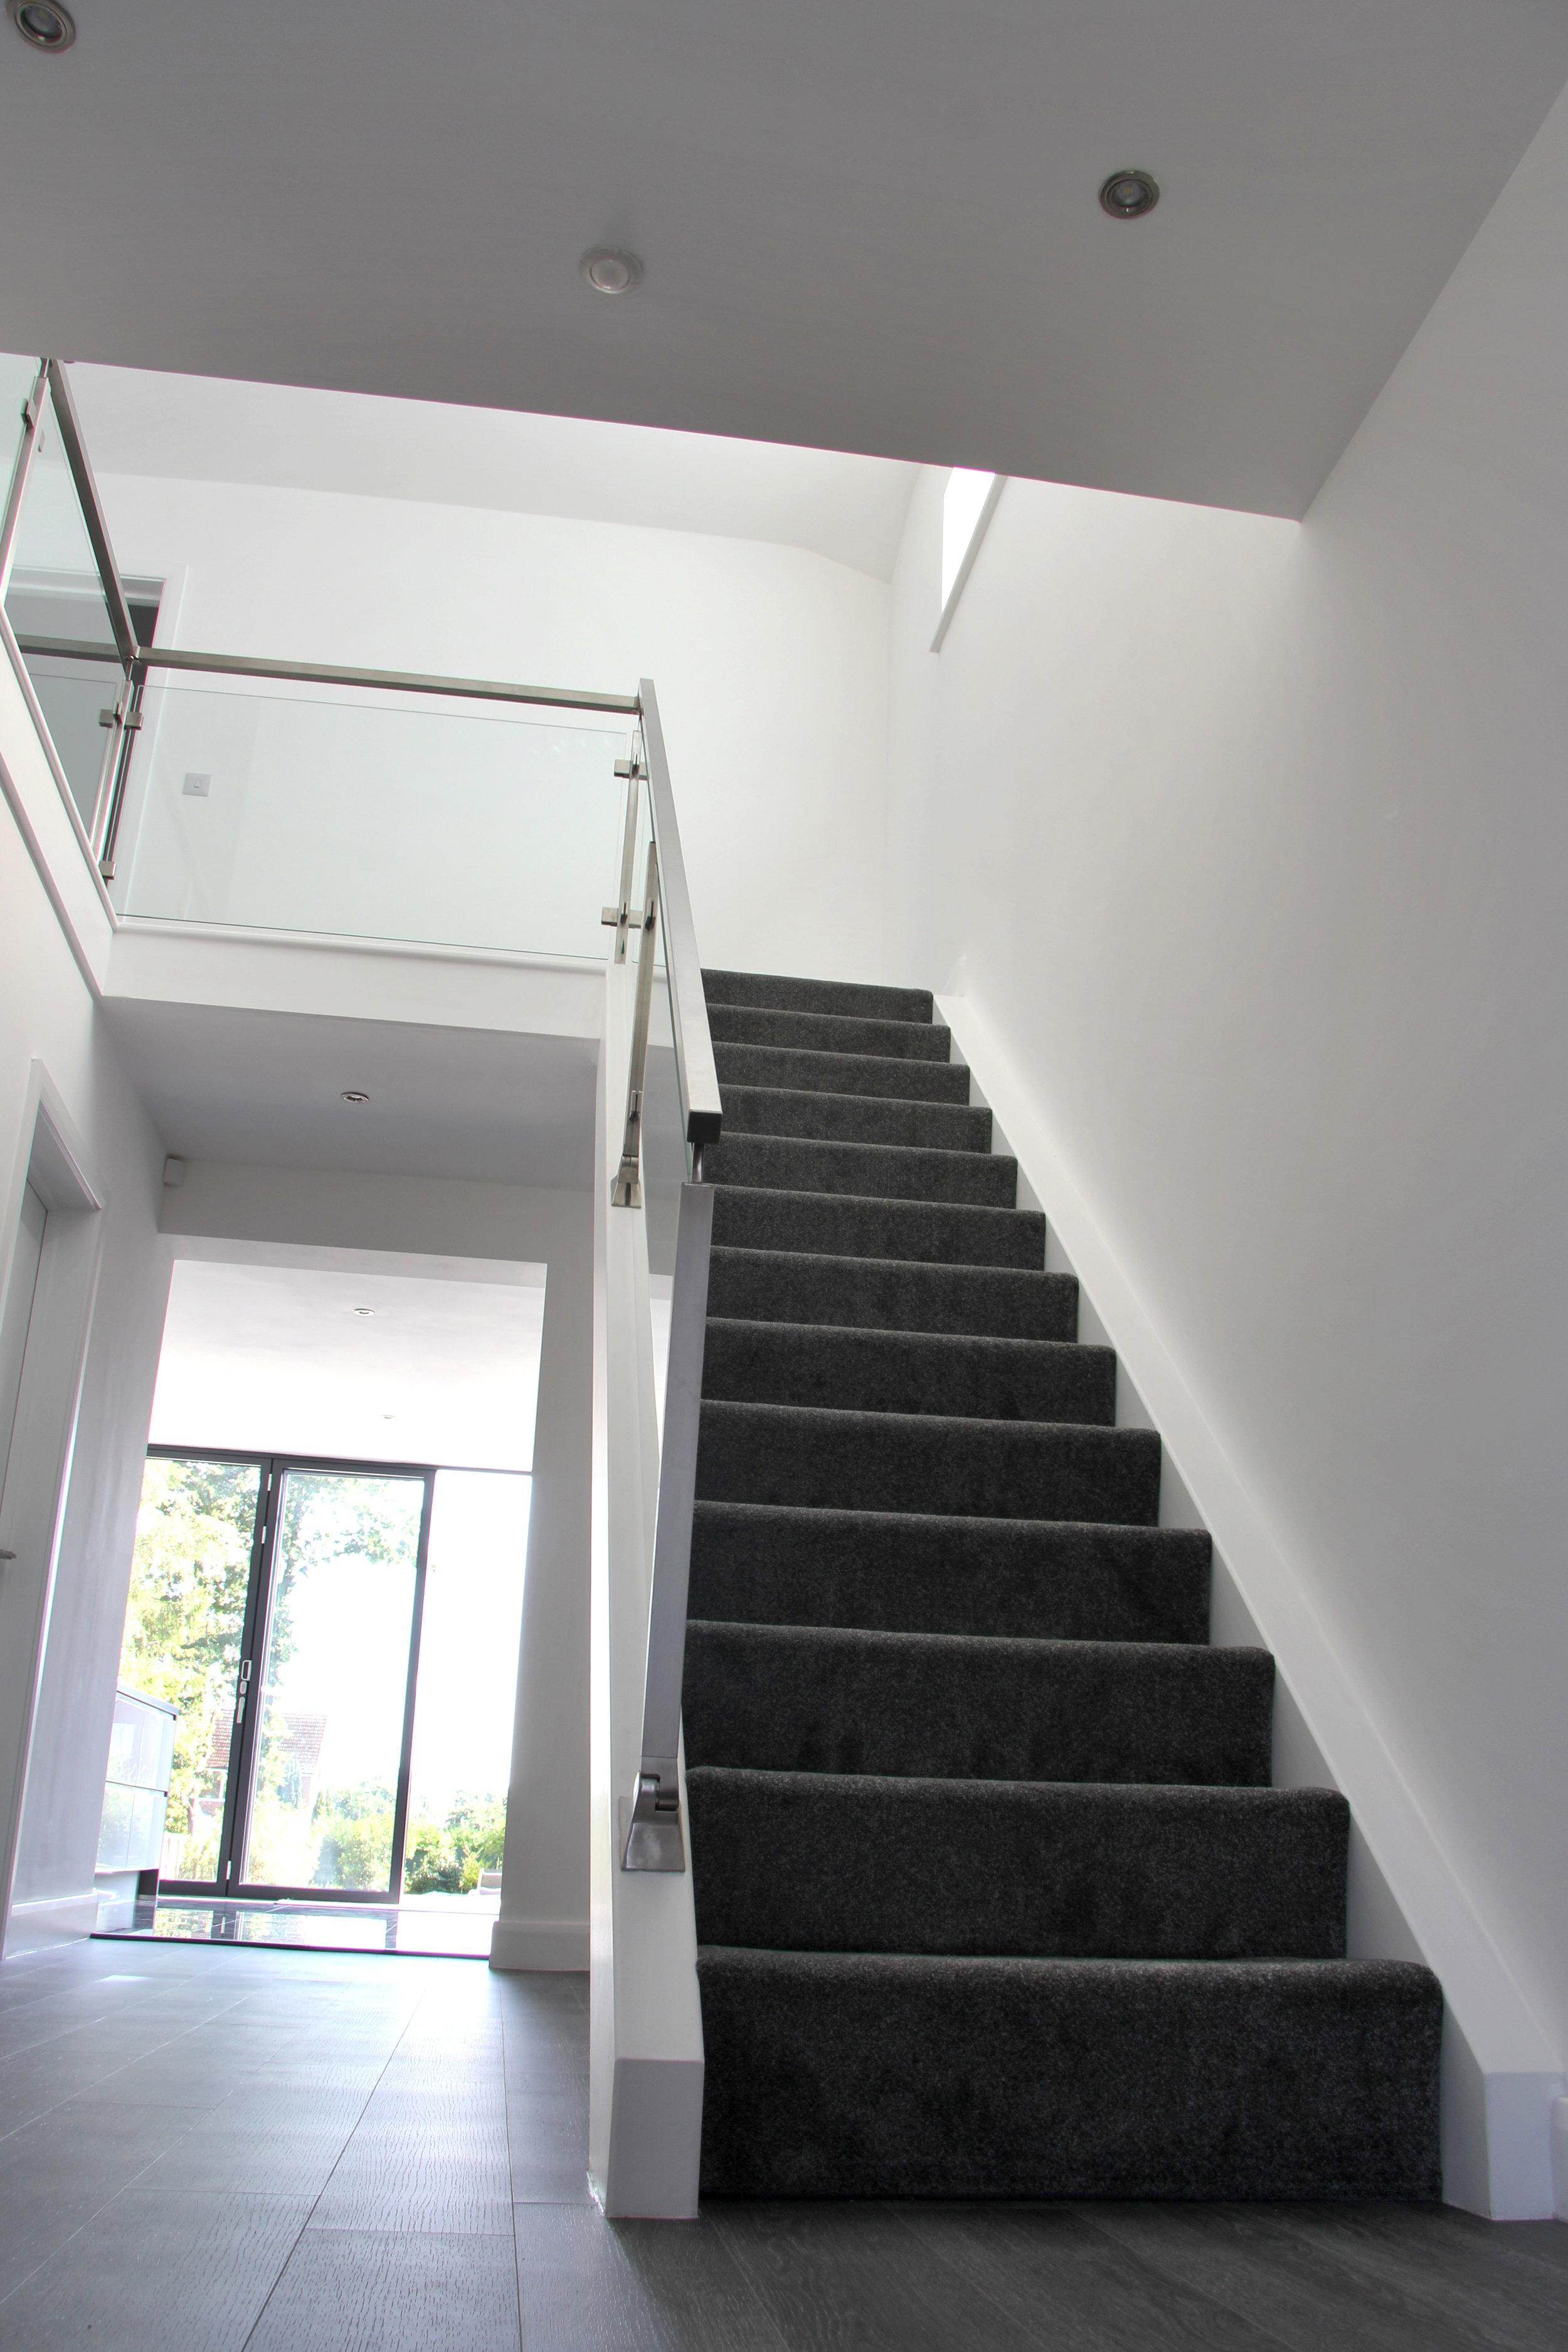 15107_stair_1c.jpg